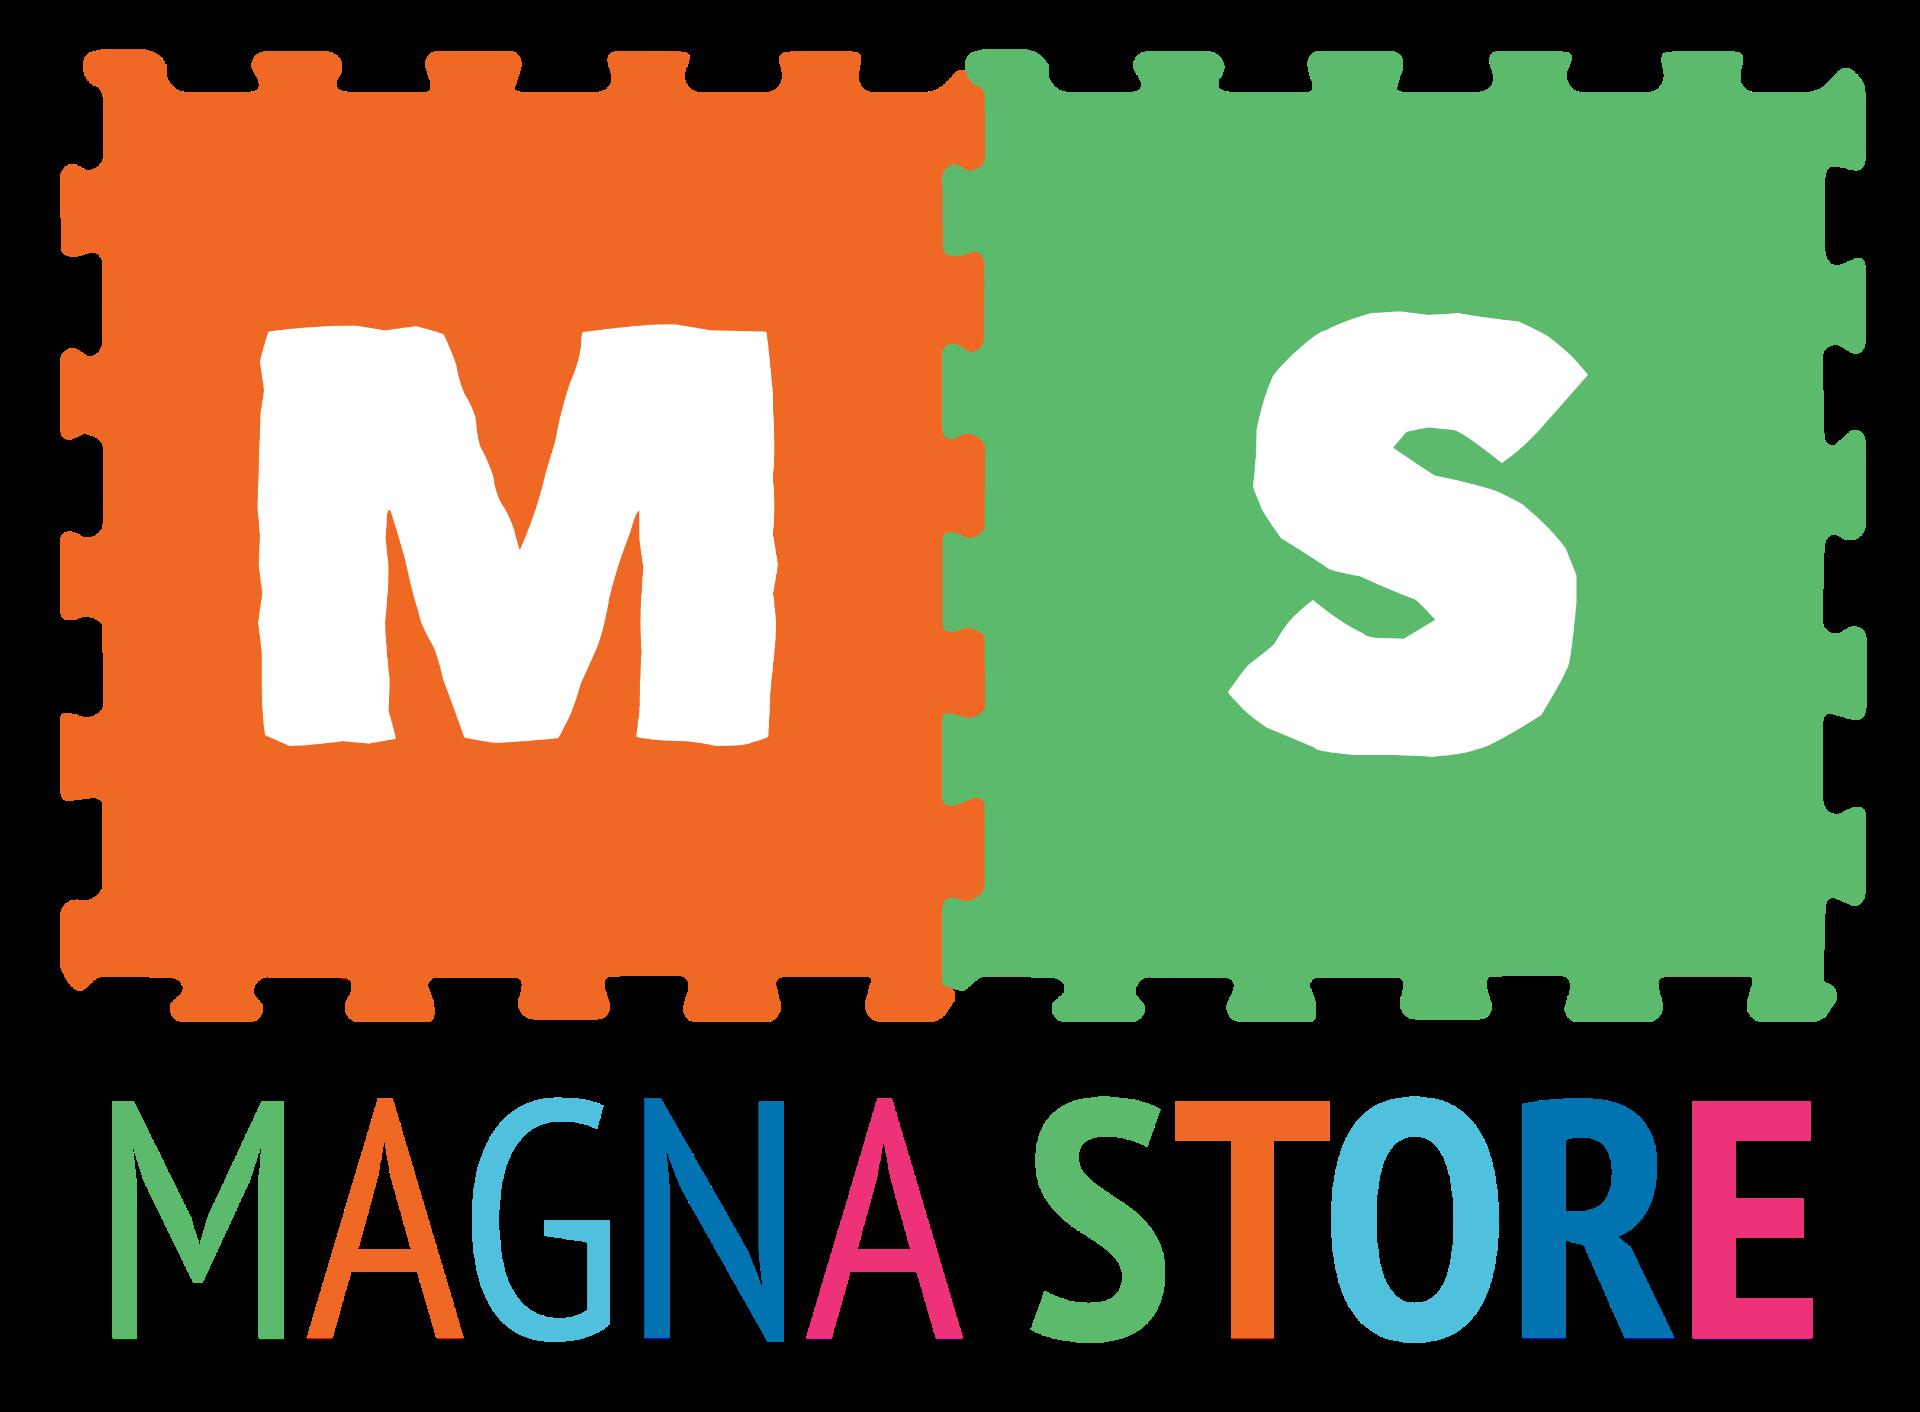 MAGNA STORE